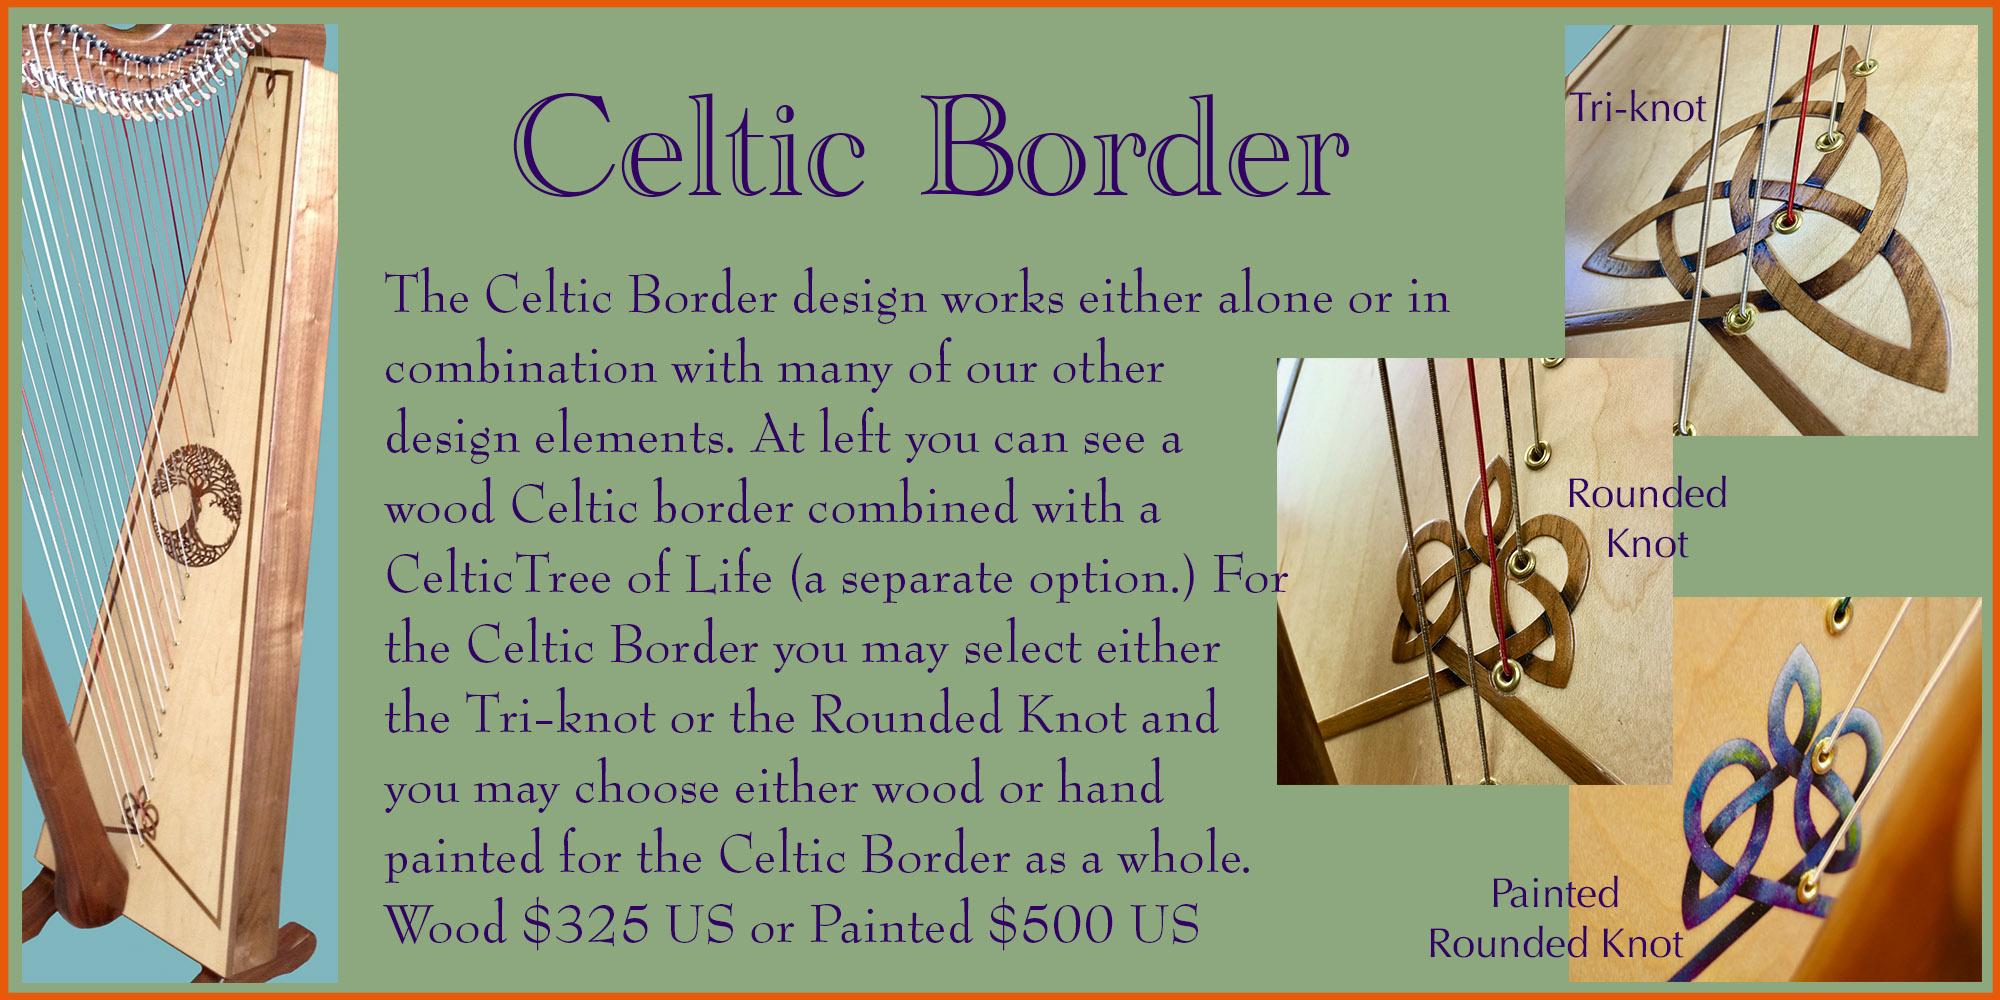 Celtic Border Panel.jpg